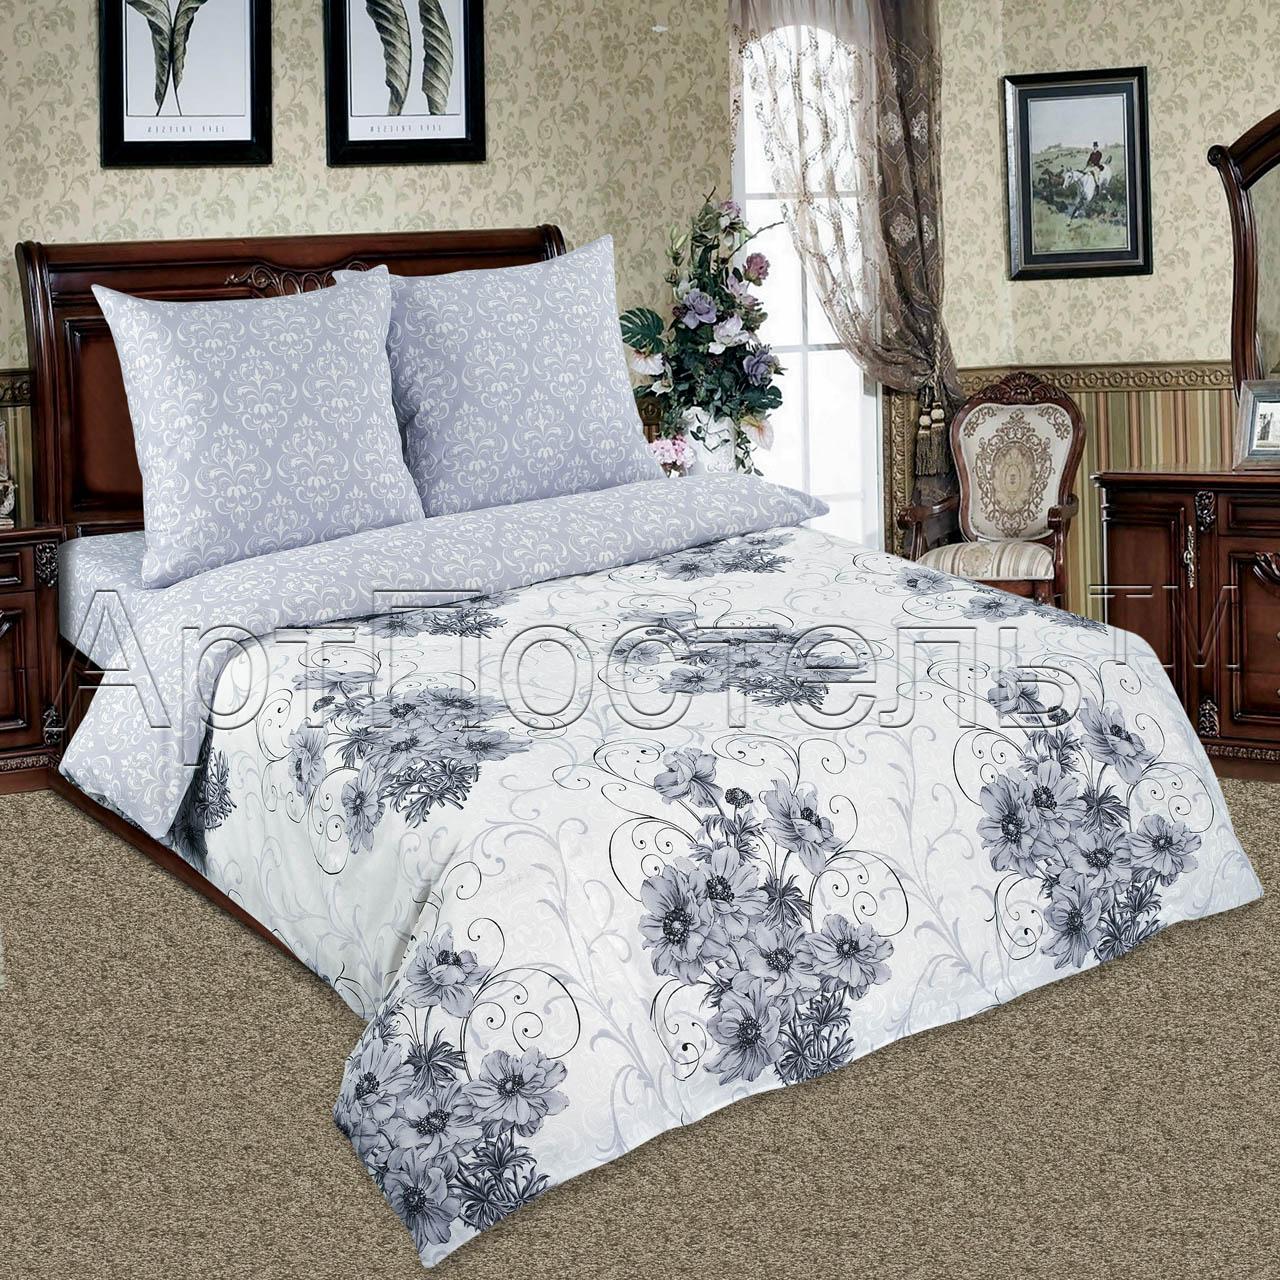 «Лунная соната» - поэтическое название для изысканного постельного белья!